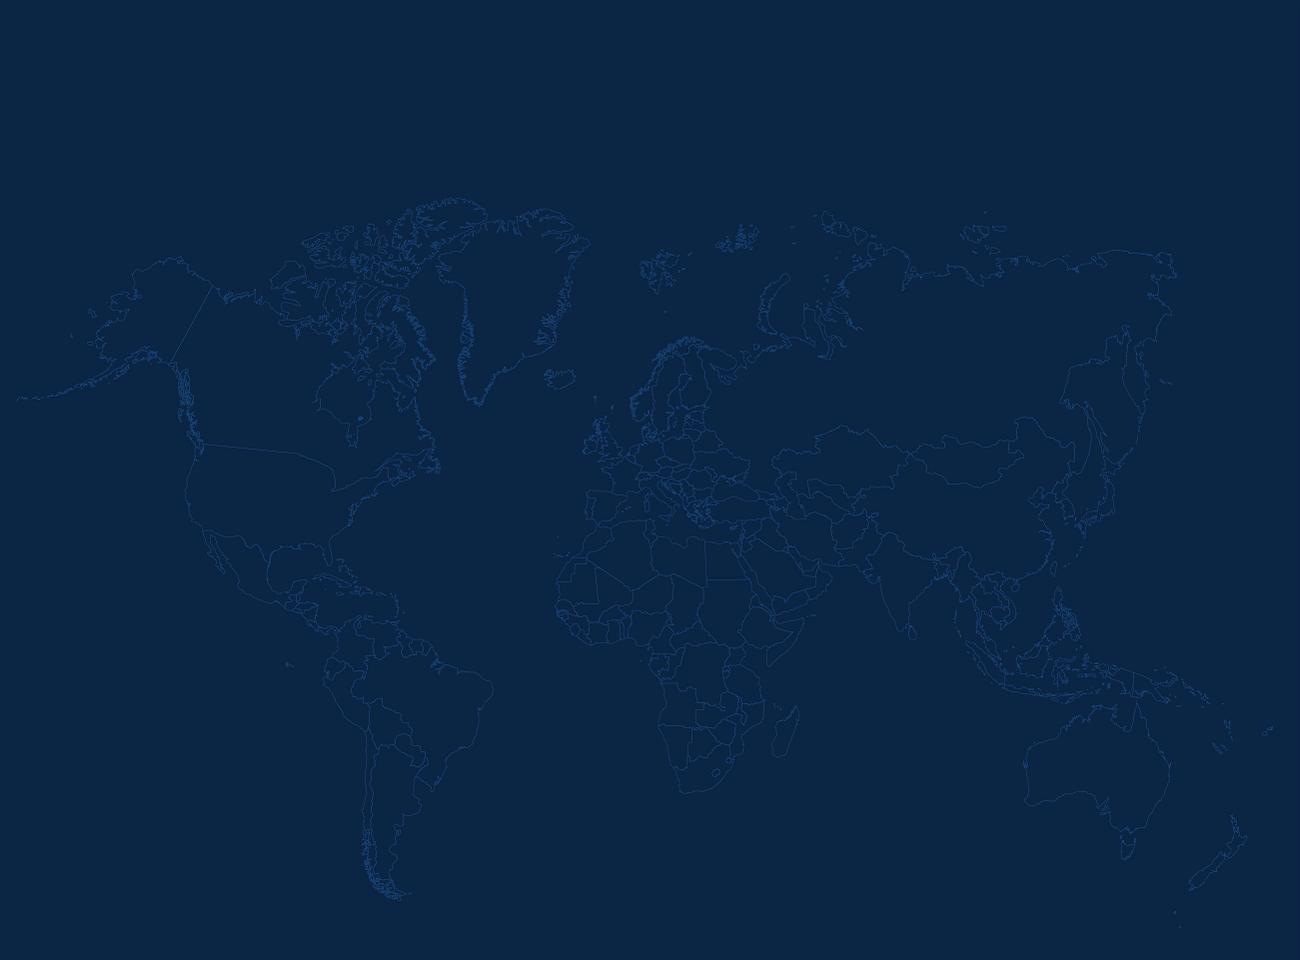 SFD_CountriesWorldMap_StaticTall.png